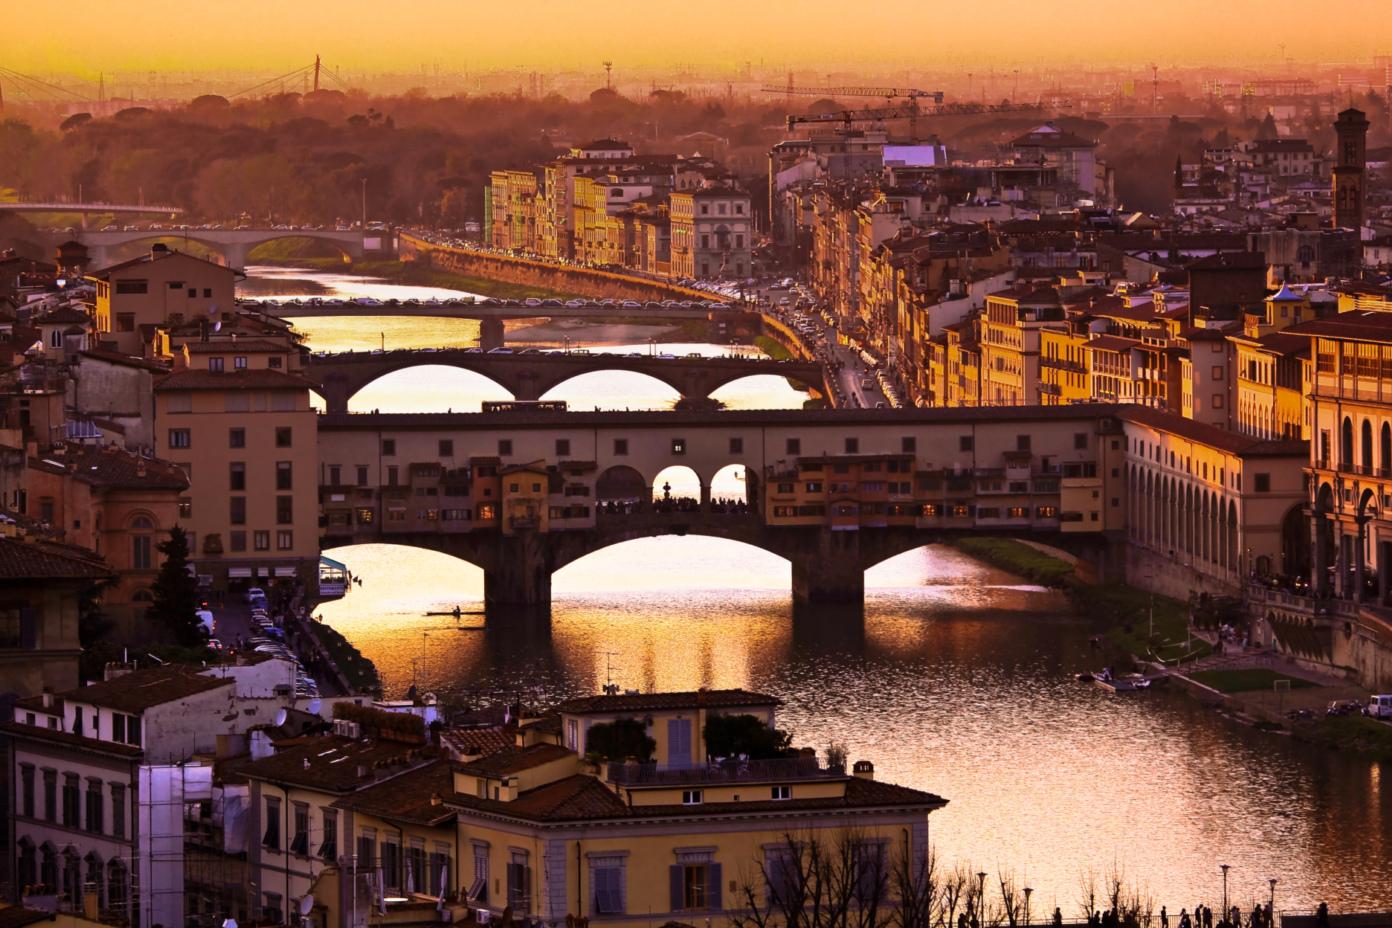 Tramonto sul Ponte Vecchio